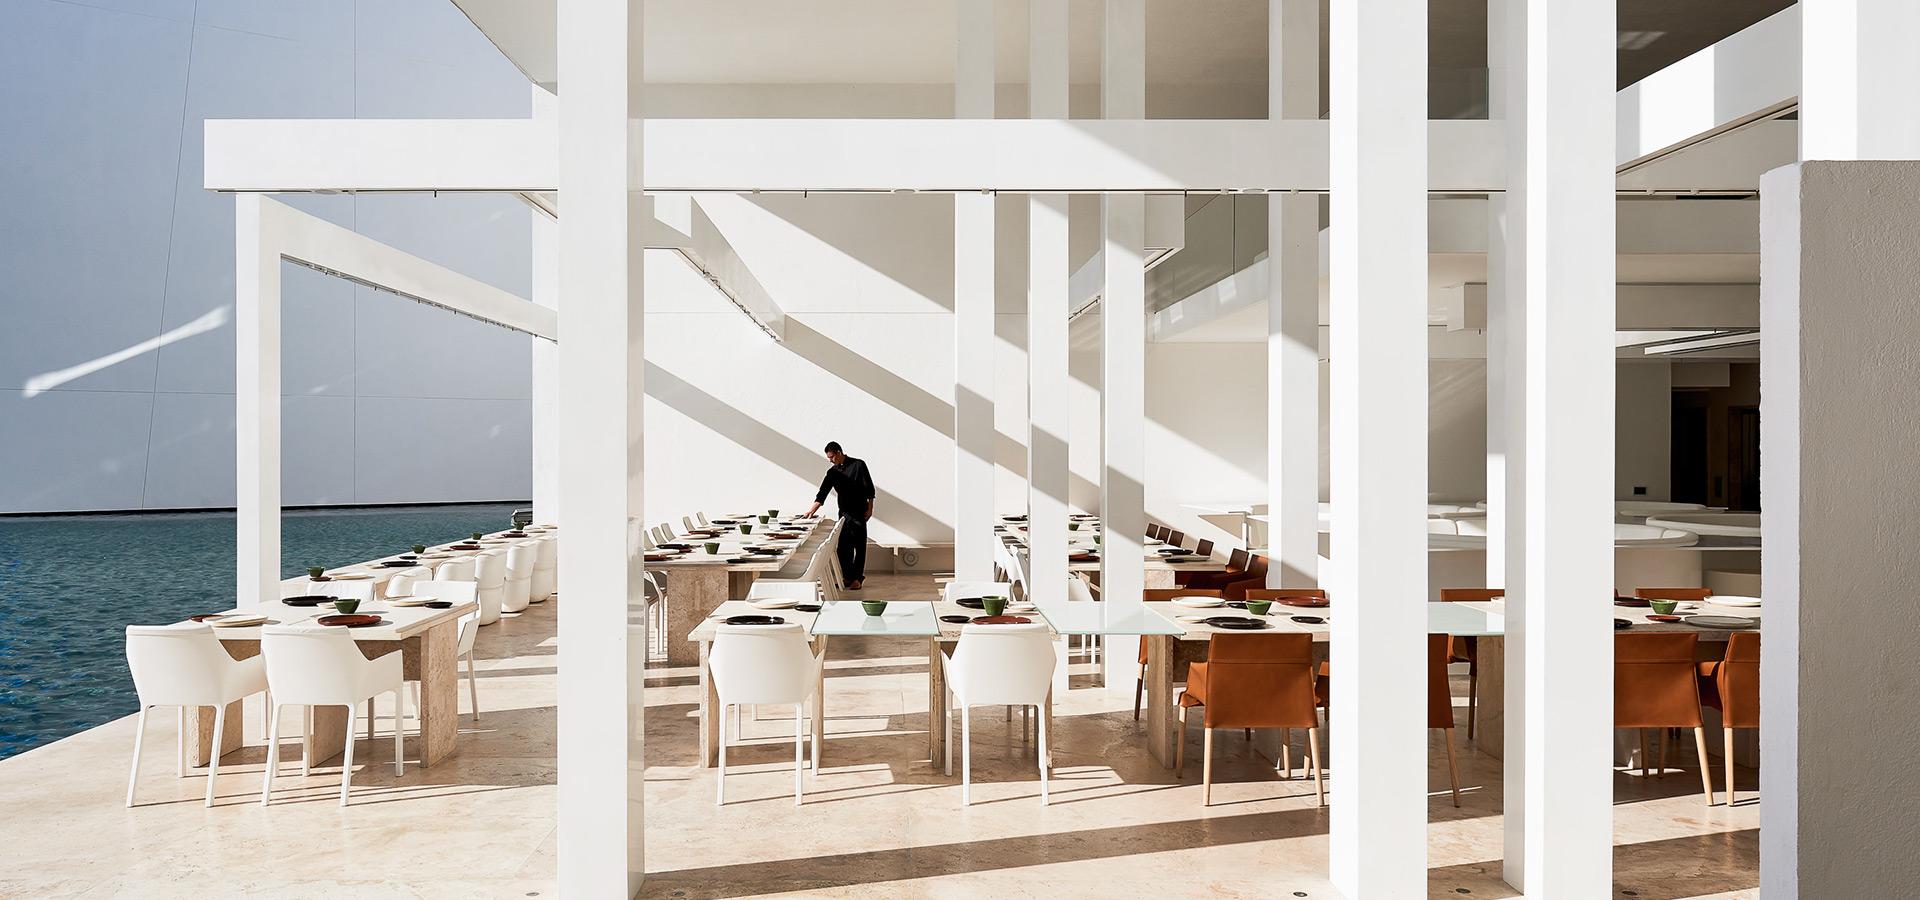 mar-adento-hotel_02miguel-aragones